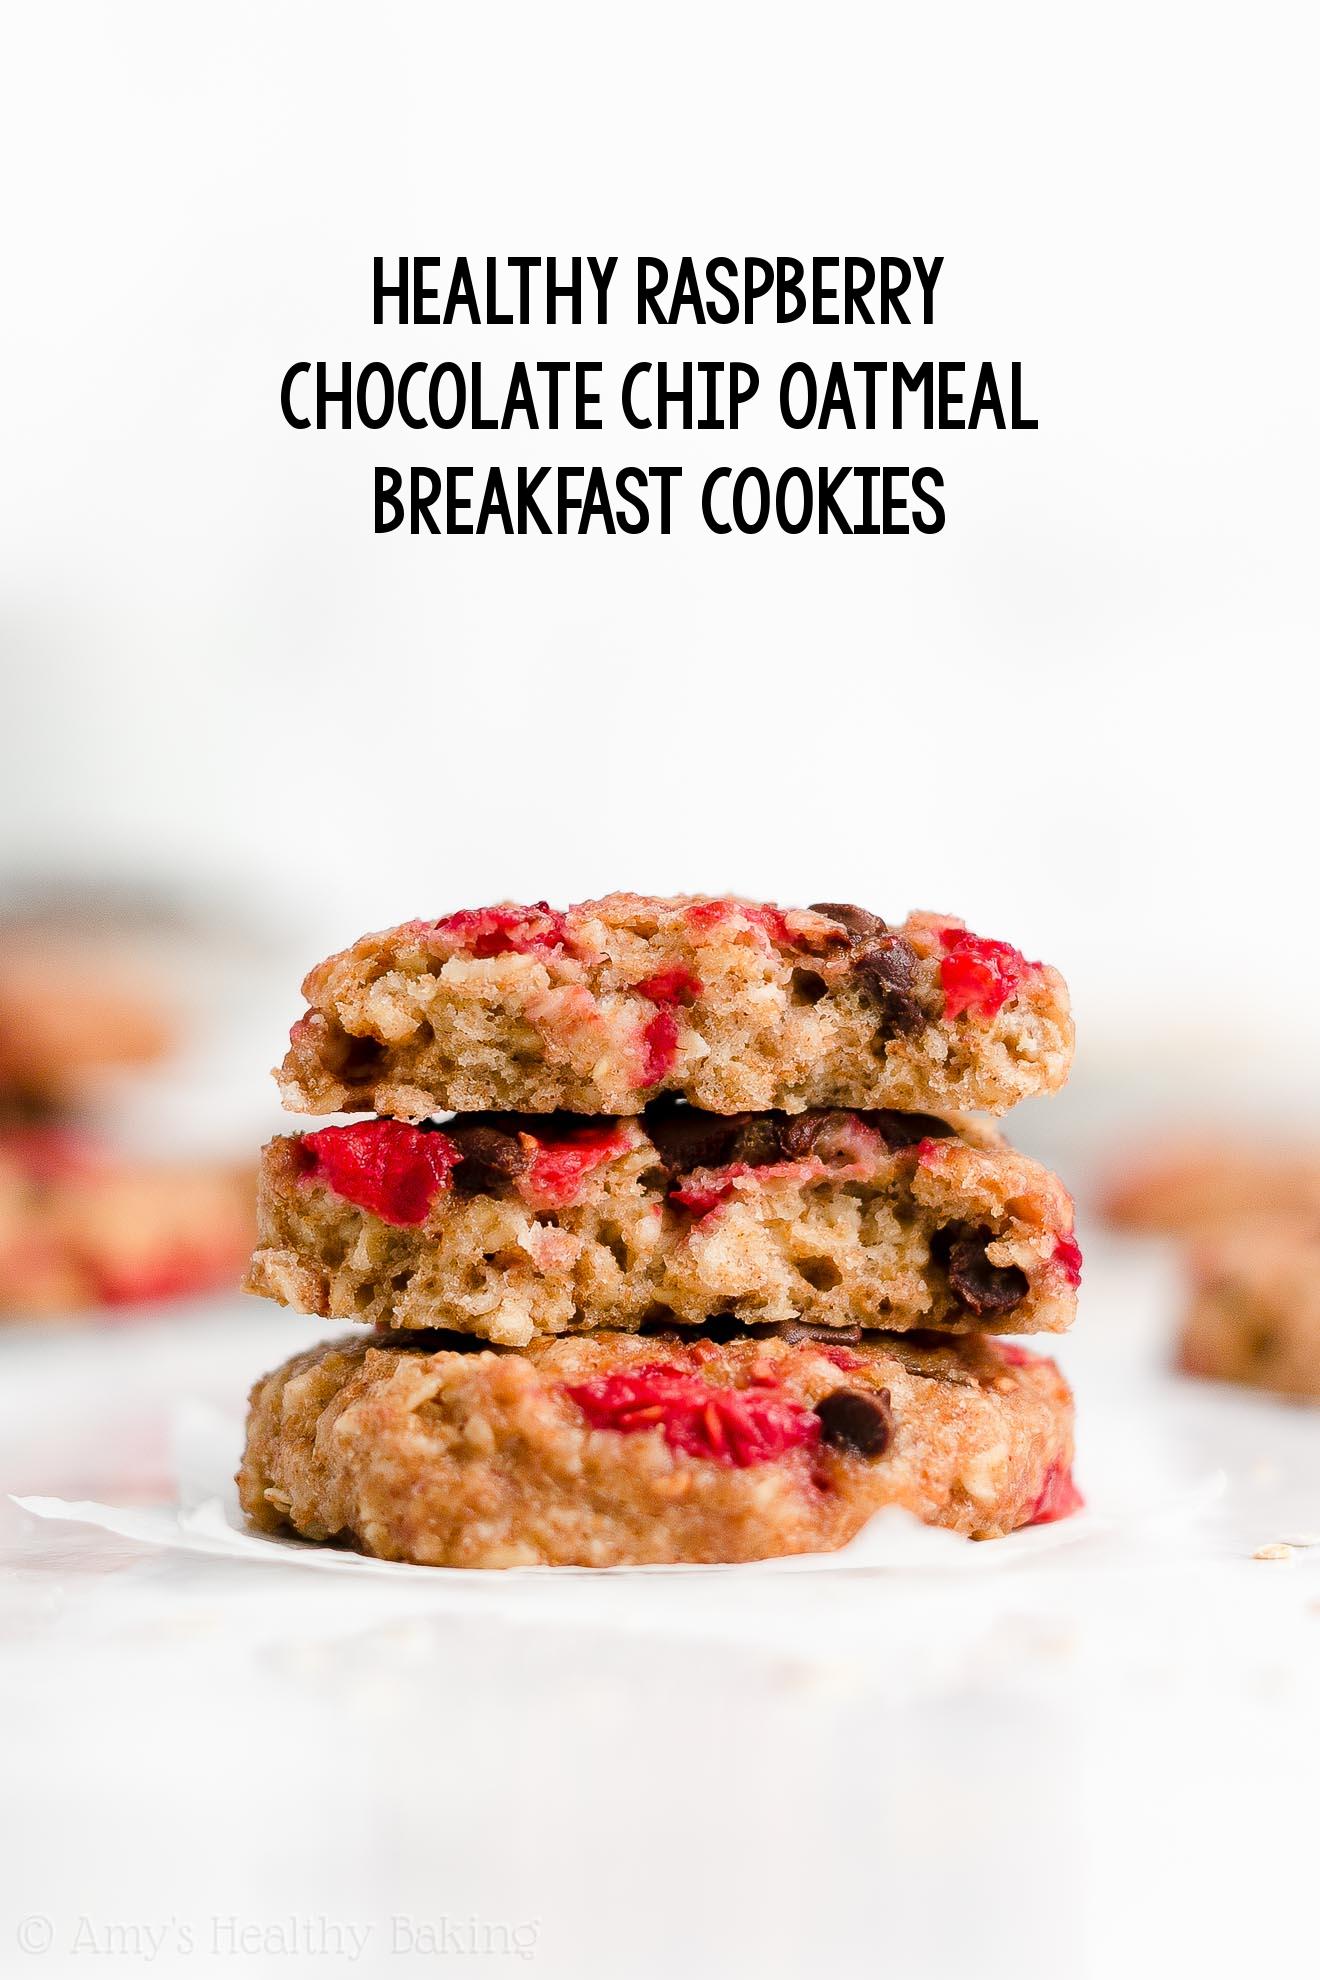 Best Easy Healthy Dairy Free Clean Eating Raspberry Chocolate Chip Oatmeal Breakfast Cookies